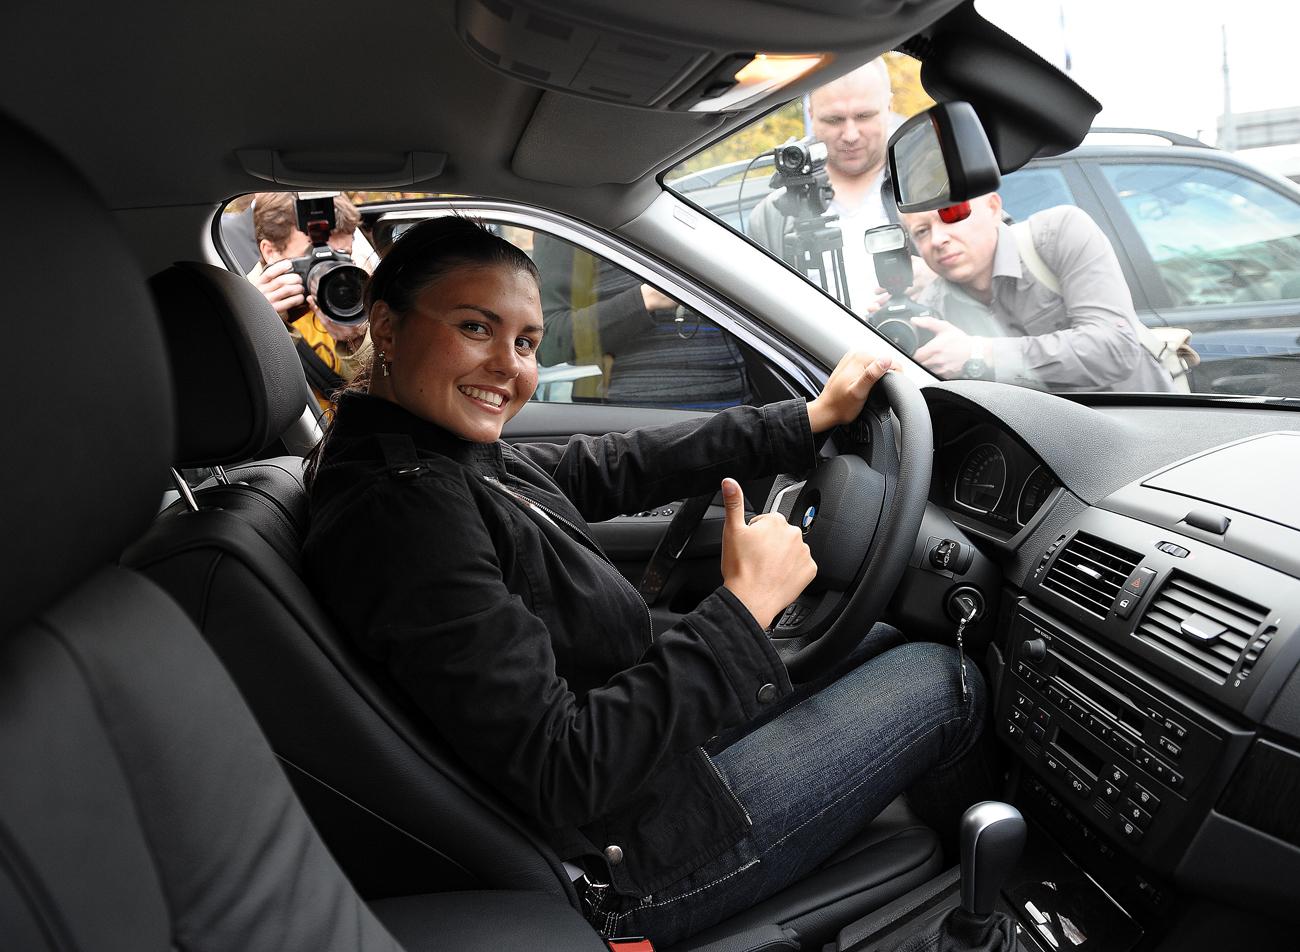 Larisa Ilchenko, médaillée d'or de l'épreuve marathon femmes 10 km aux JO de Pékin de 2008, dans sa nouvelle BMW. Crédit: Maxim Shemetov / TASS